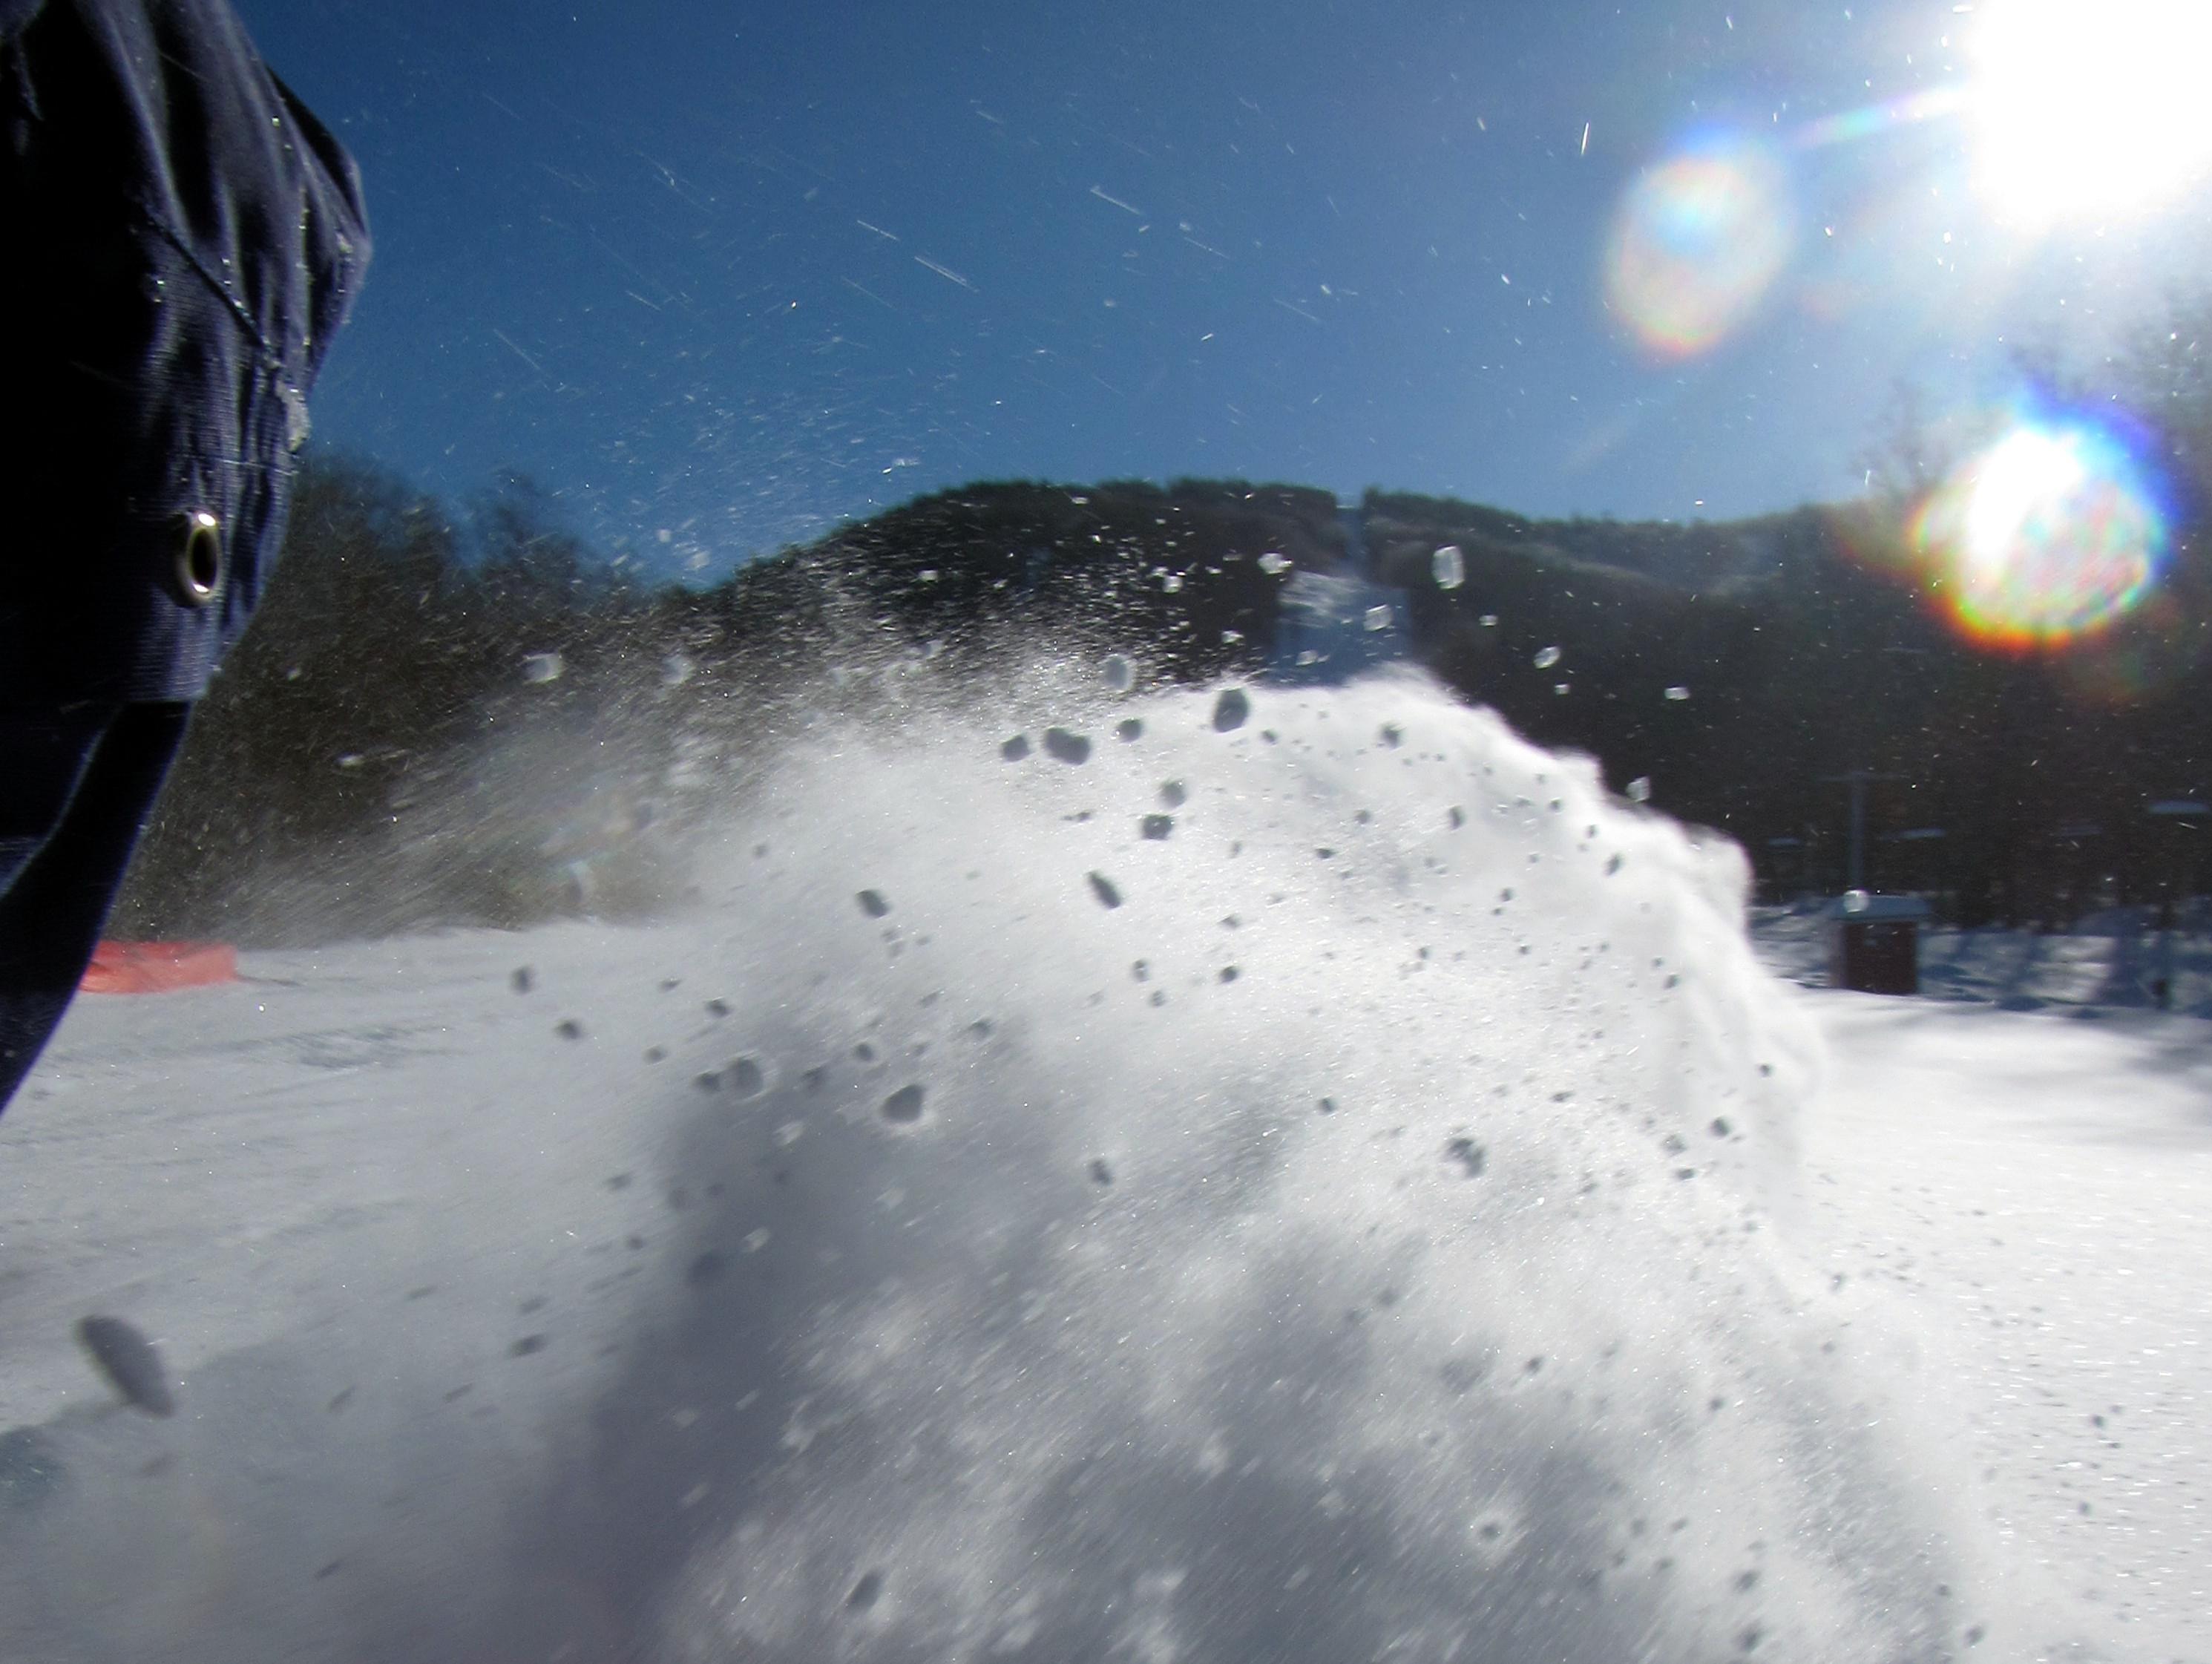 Levée de neige en bas de la montagne